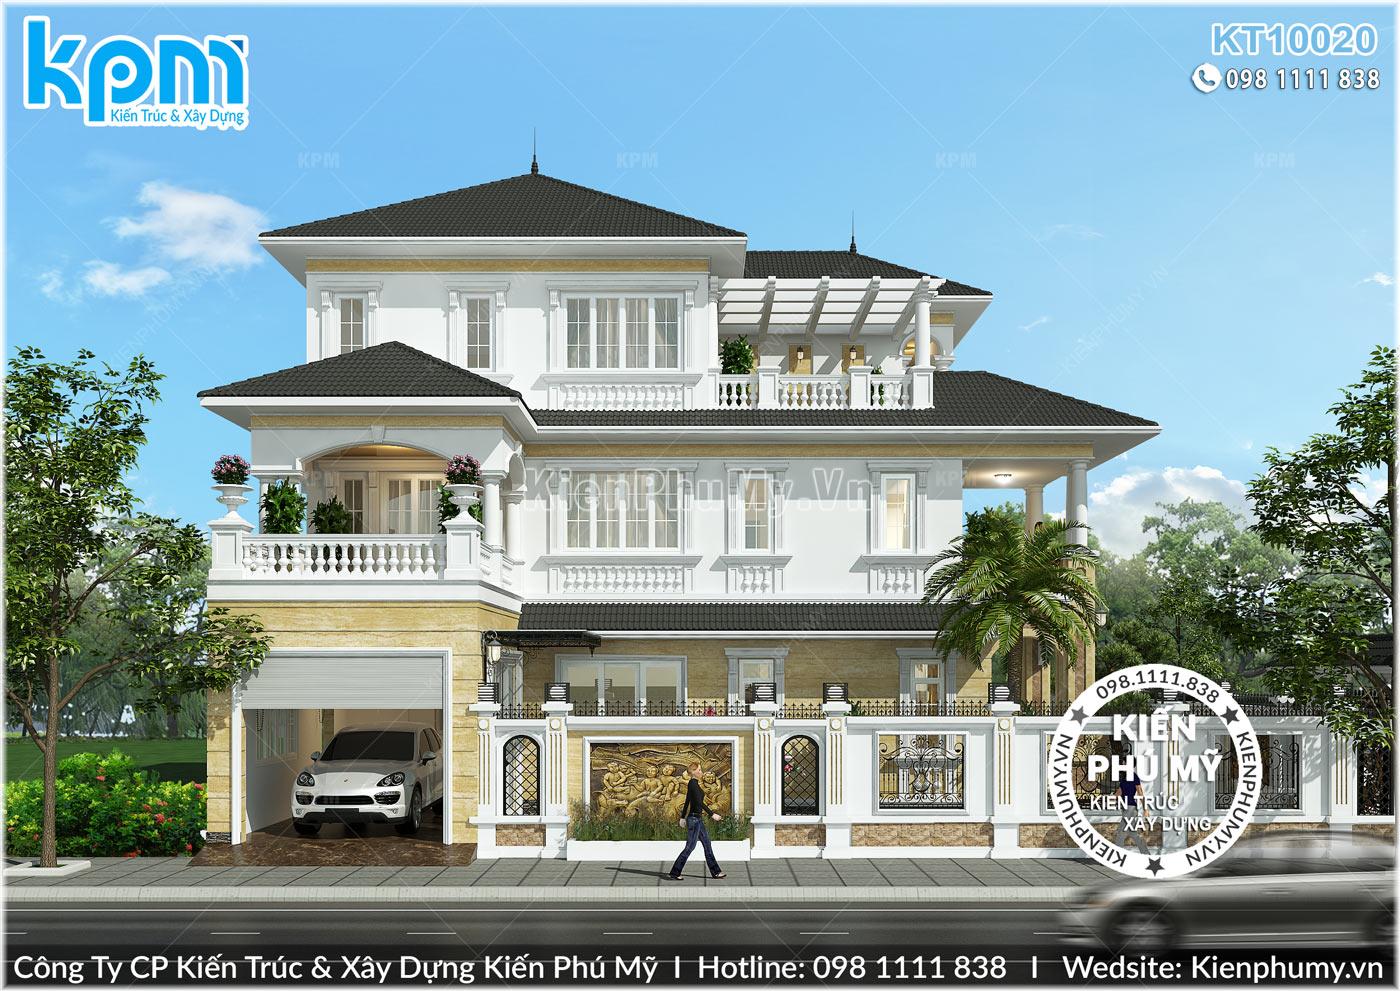 Thiết kế mặt tiền thứ 2 tạo cảm giác đồ sộ cho căn biệt thự đẹp 3 tầng